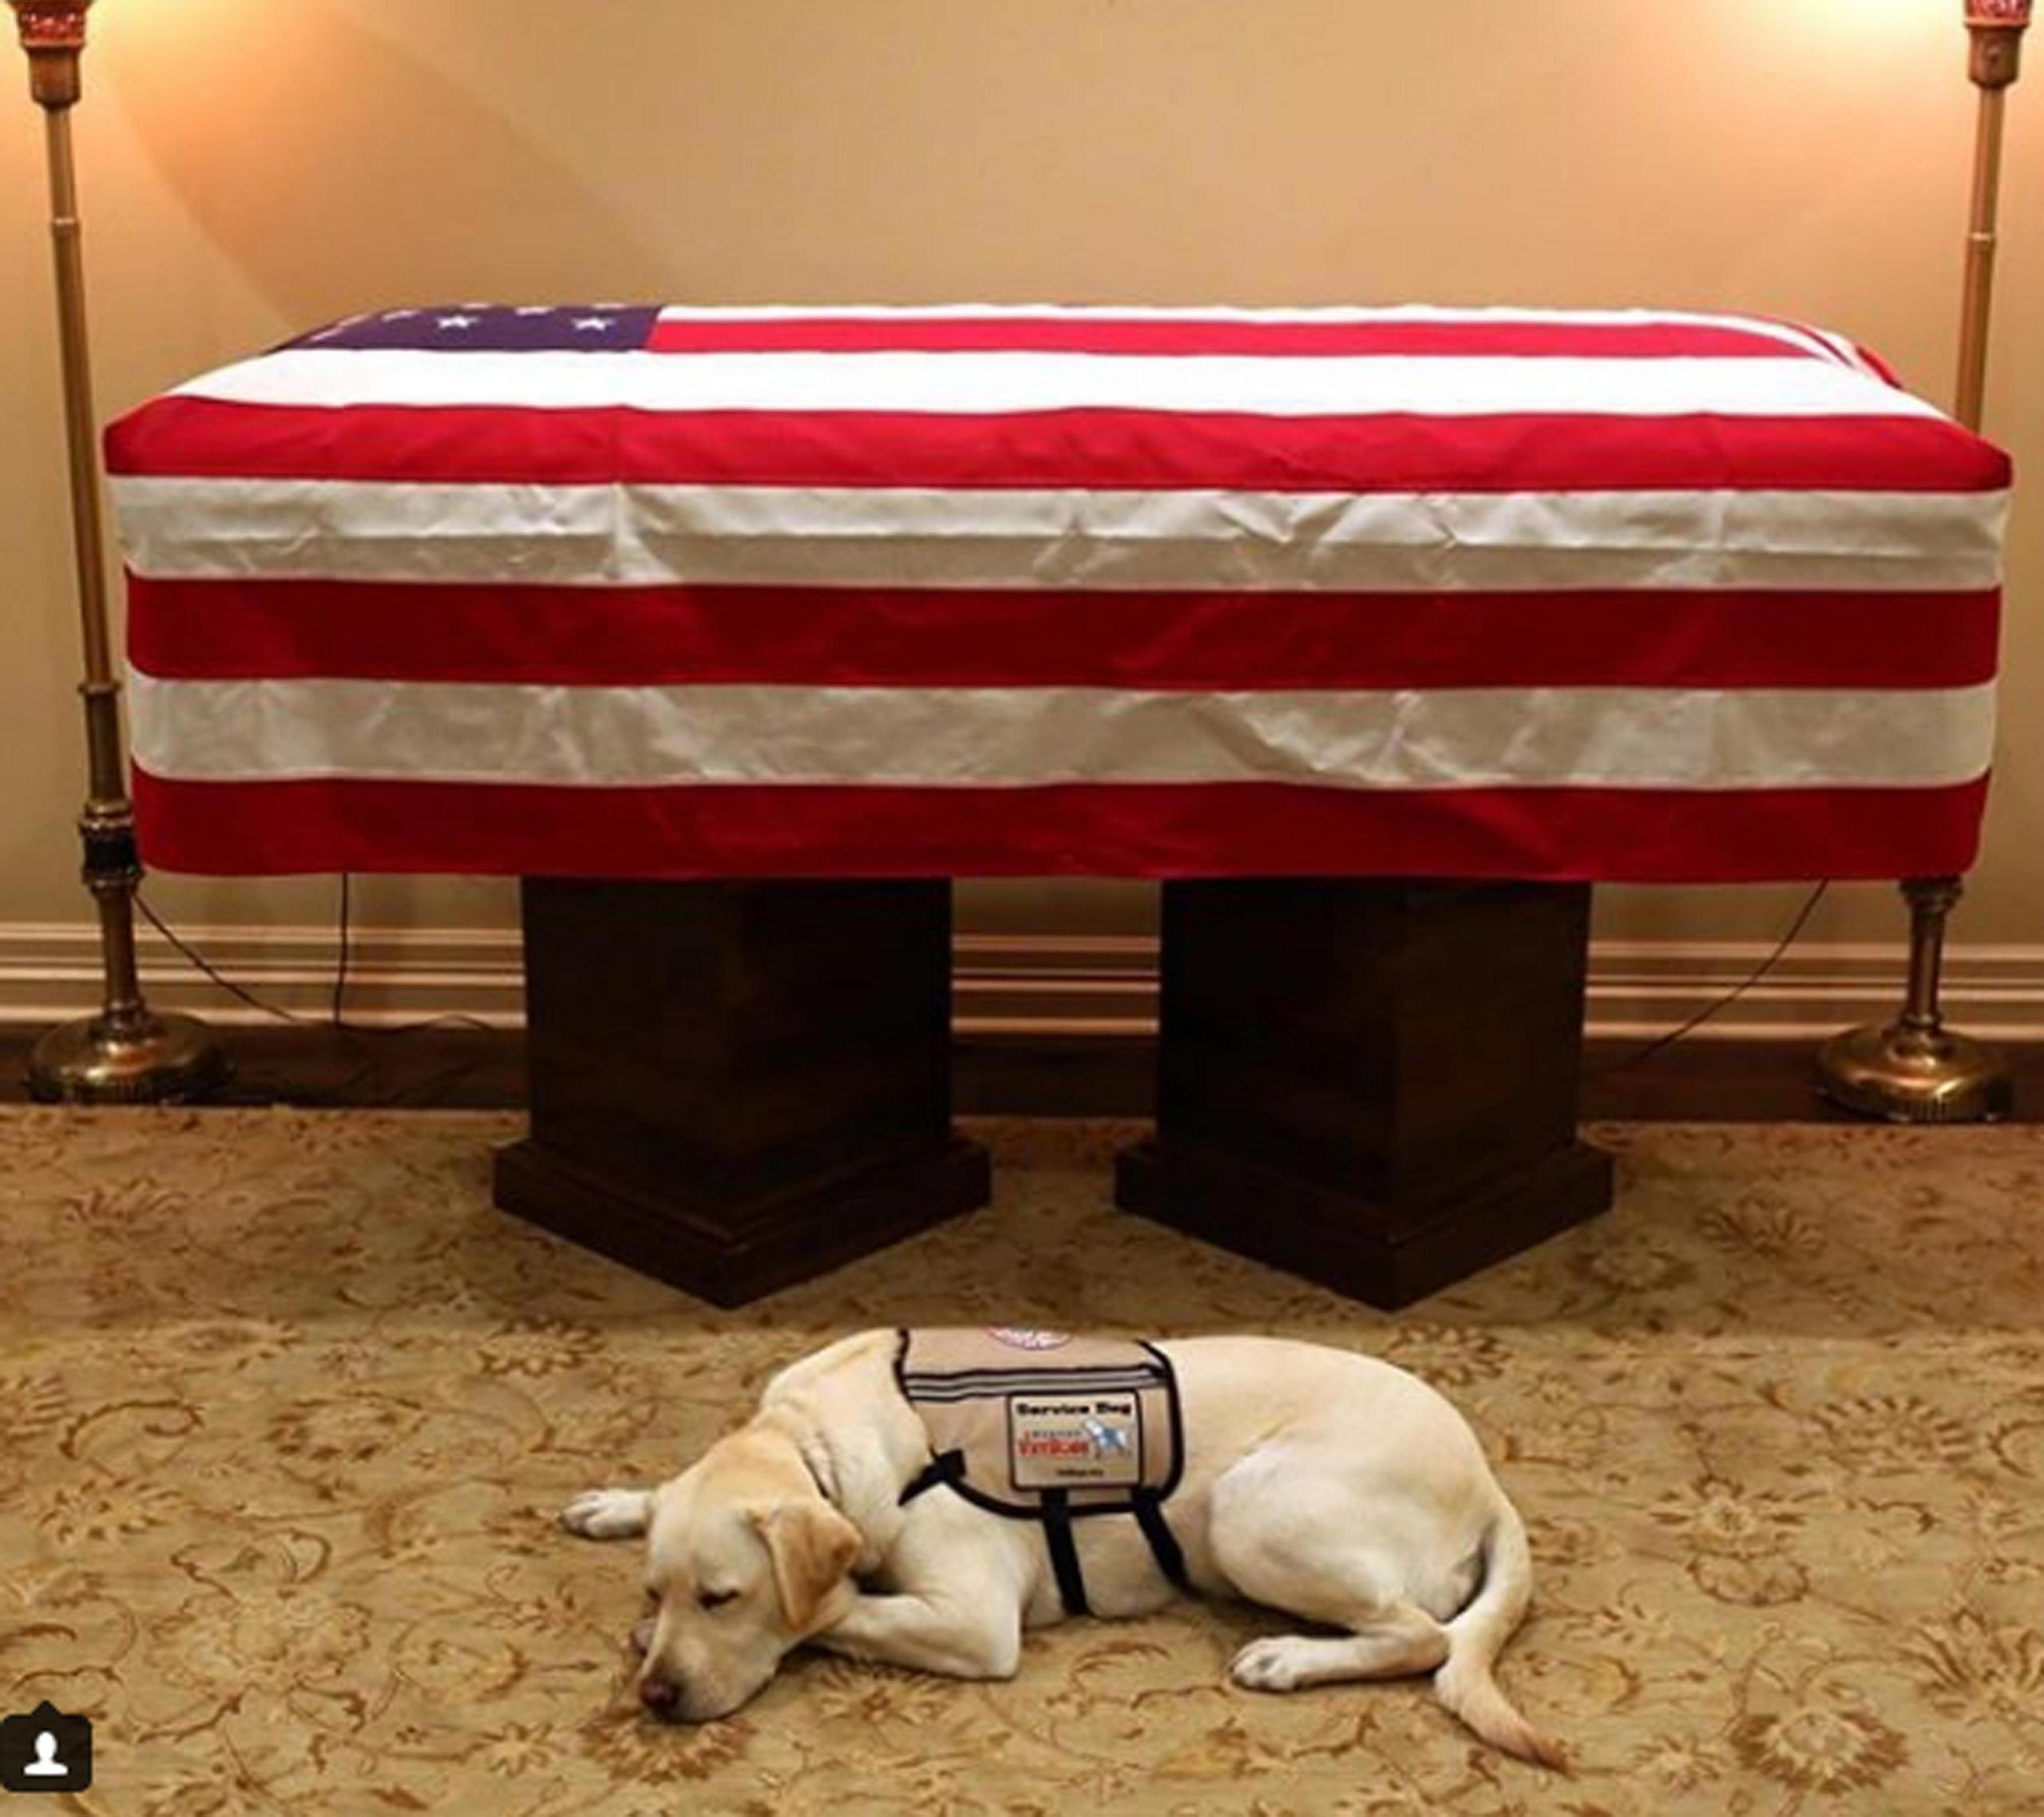 Morto George Bush Senior, il cane veglia la sua bara